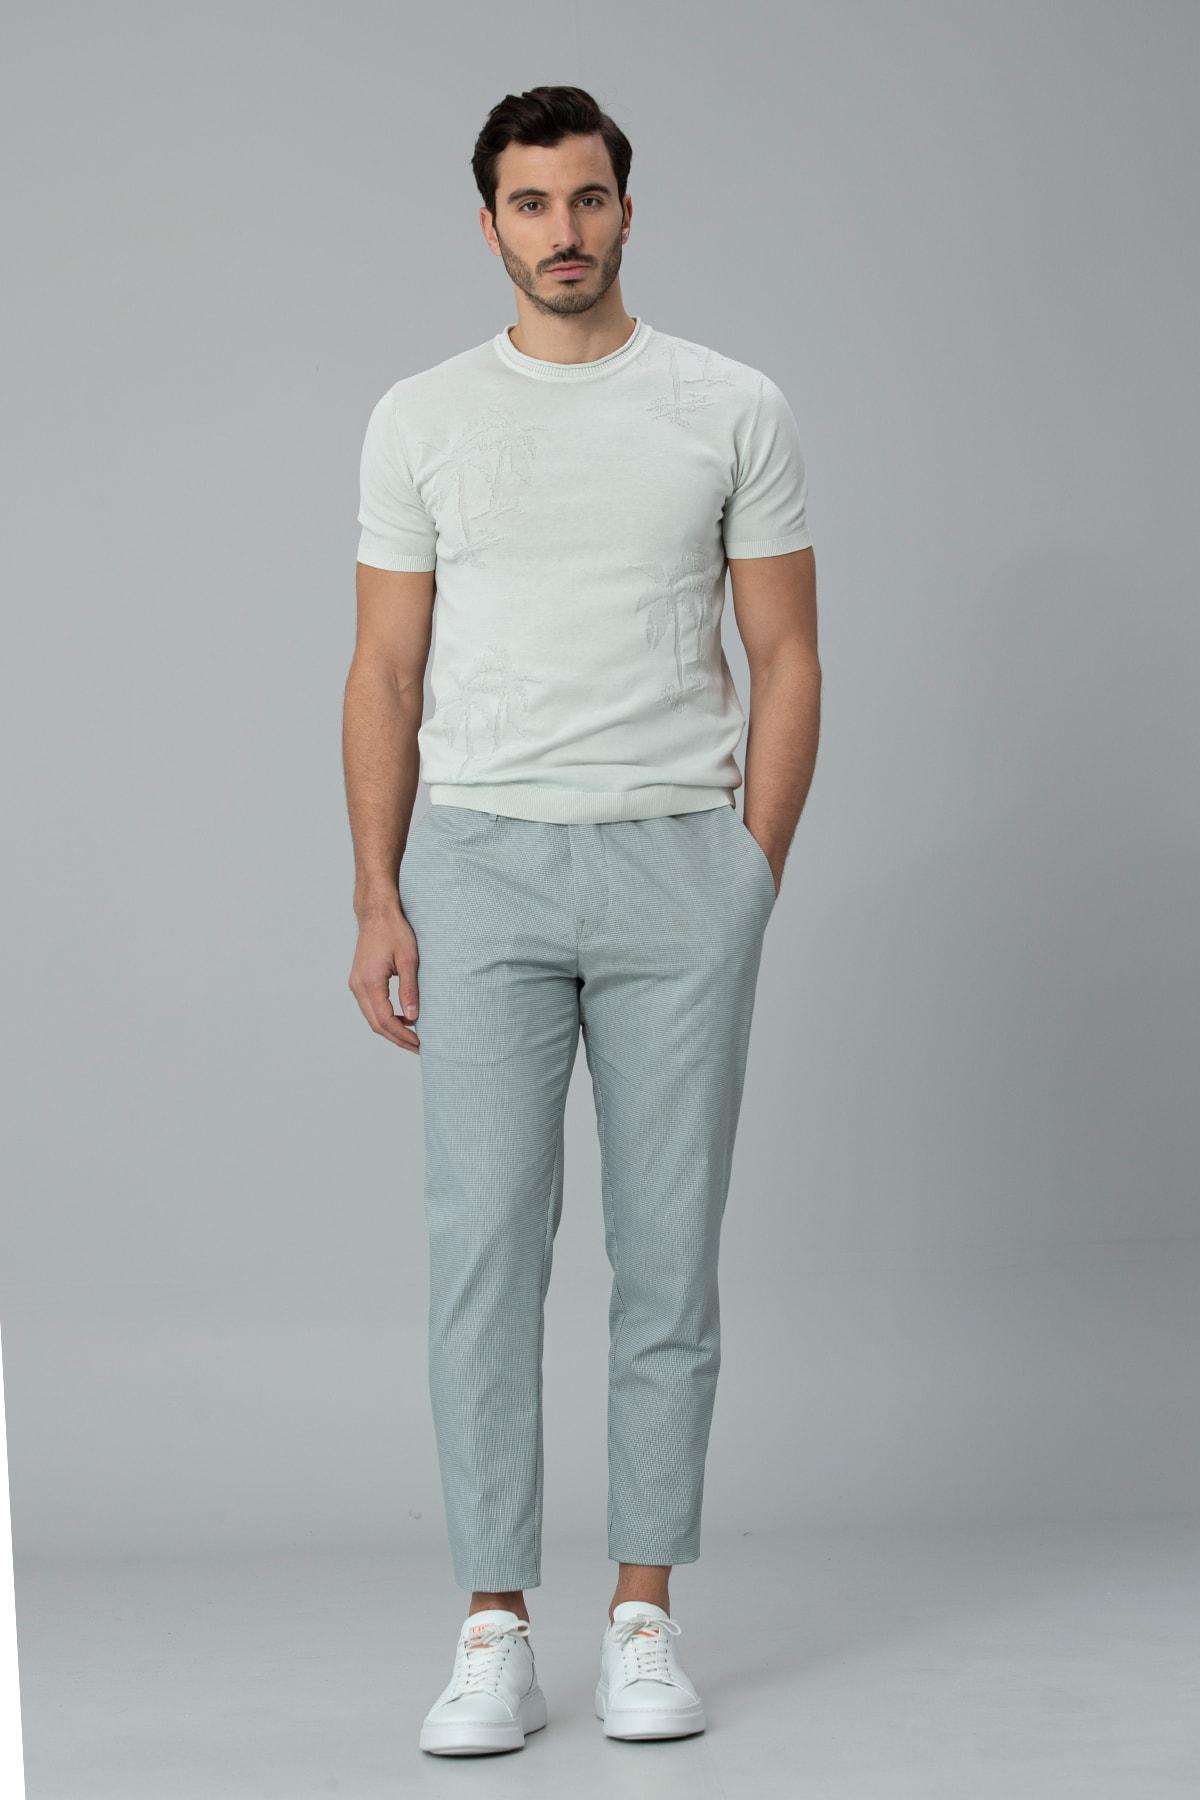 Lufian Klosi Spor Chino Pantolon Tailored Fit Yeşil 0